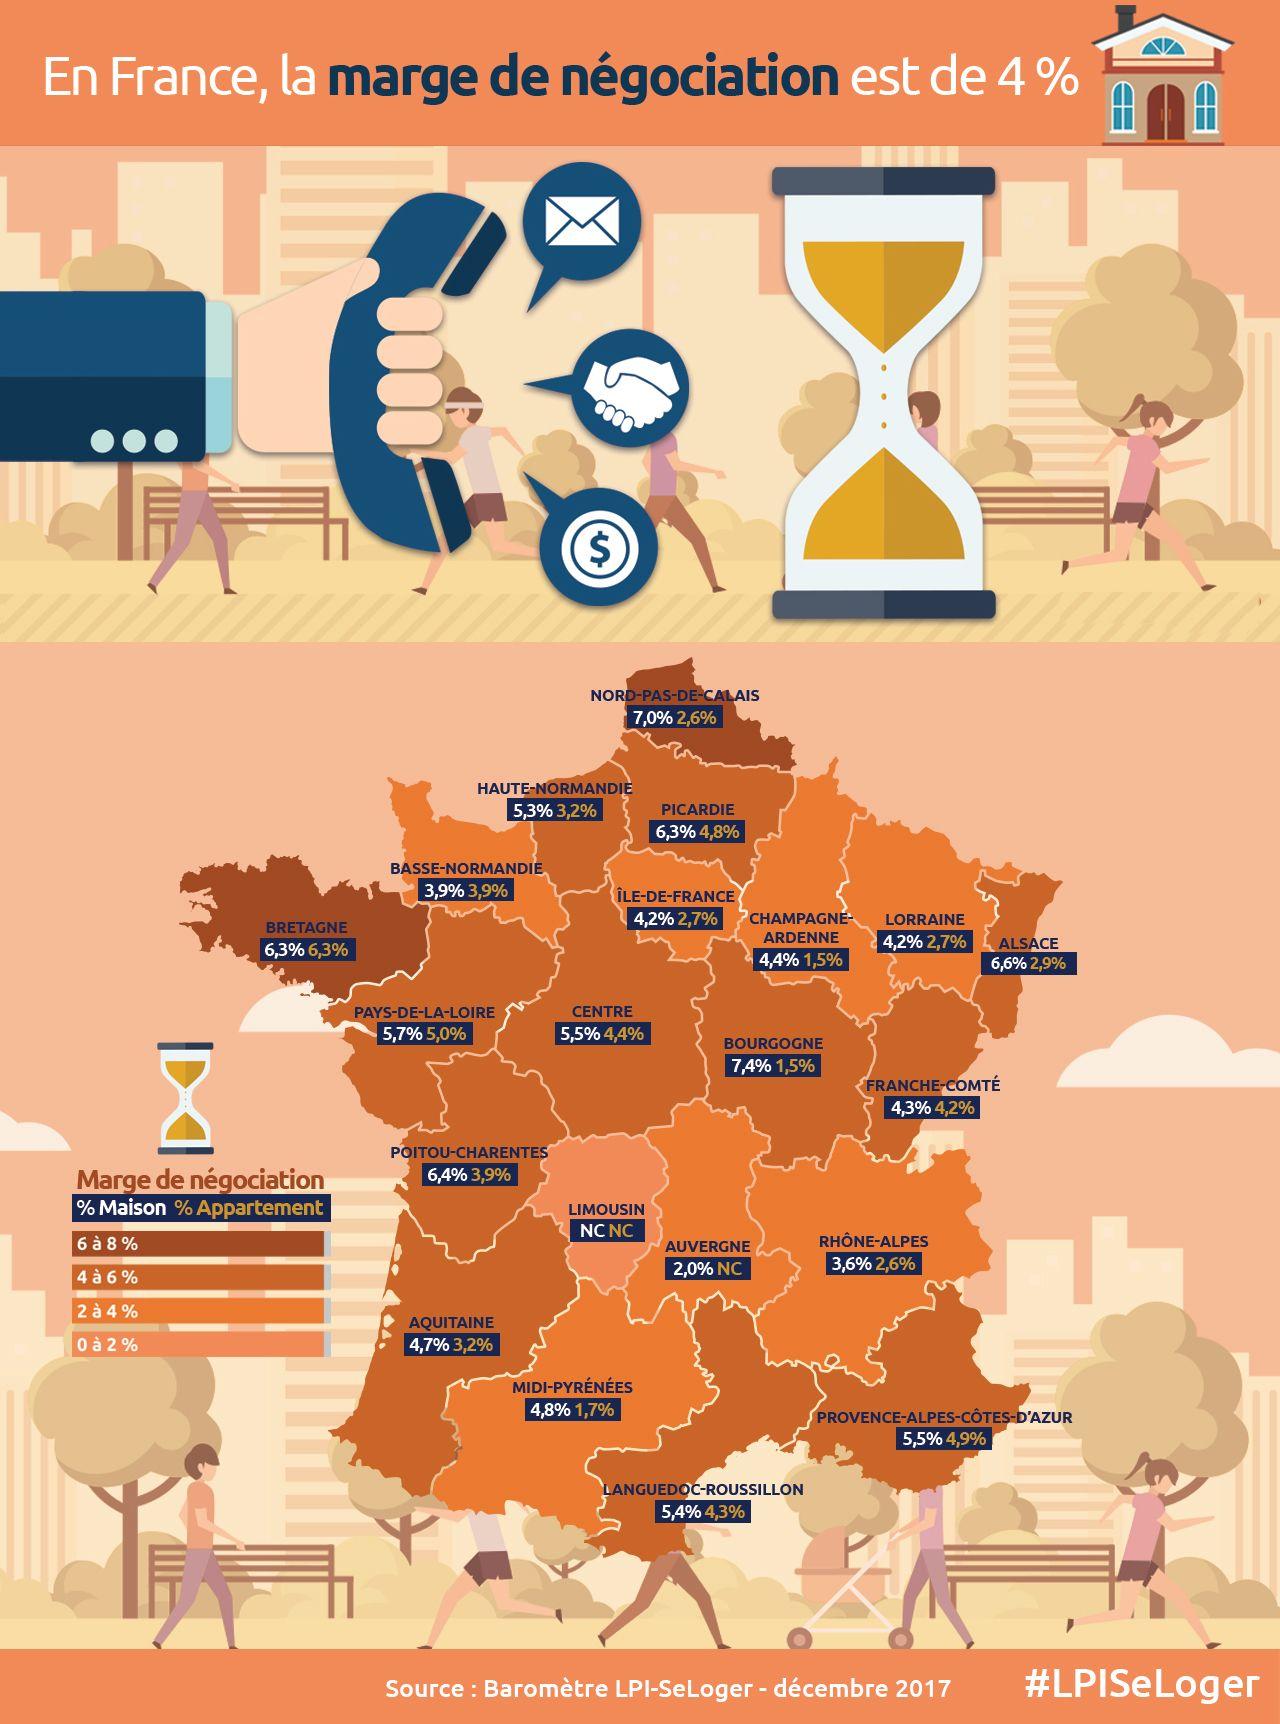 Infographie Realisee Pour Seloger Sur La Marge De Negociation